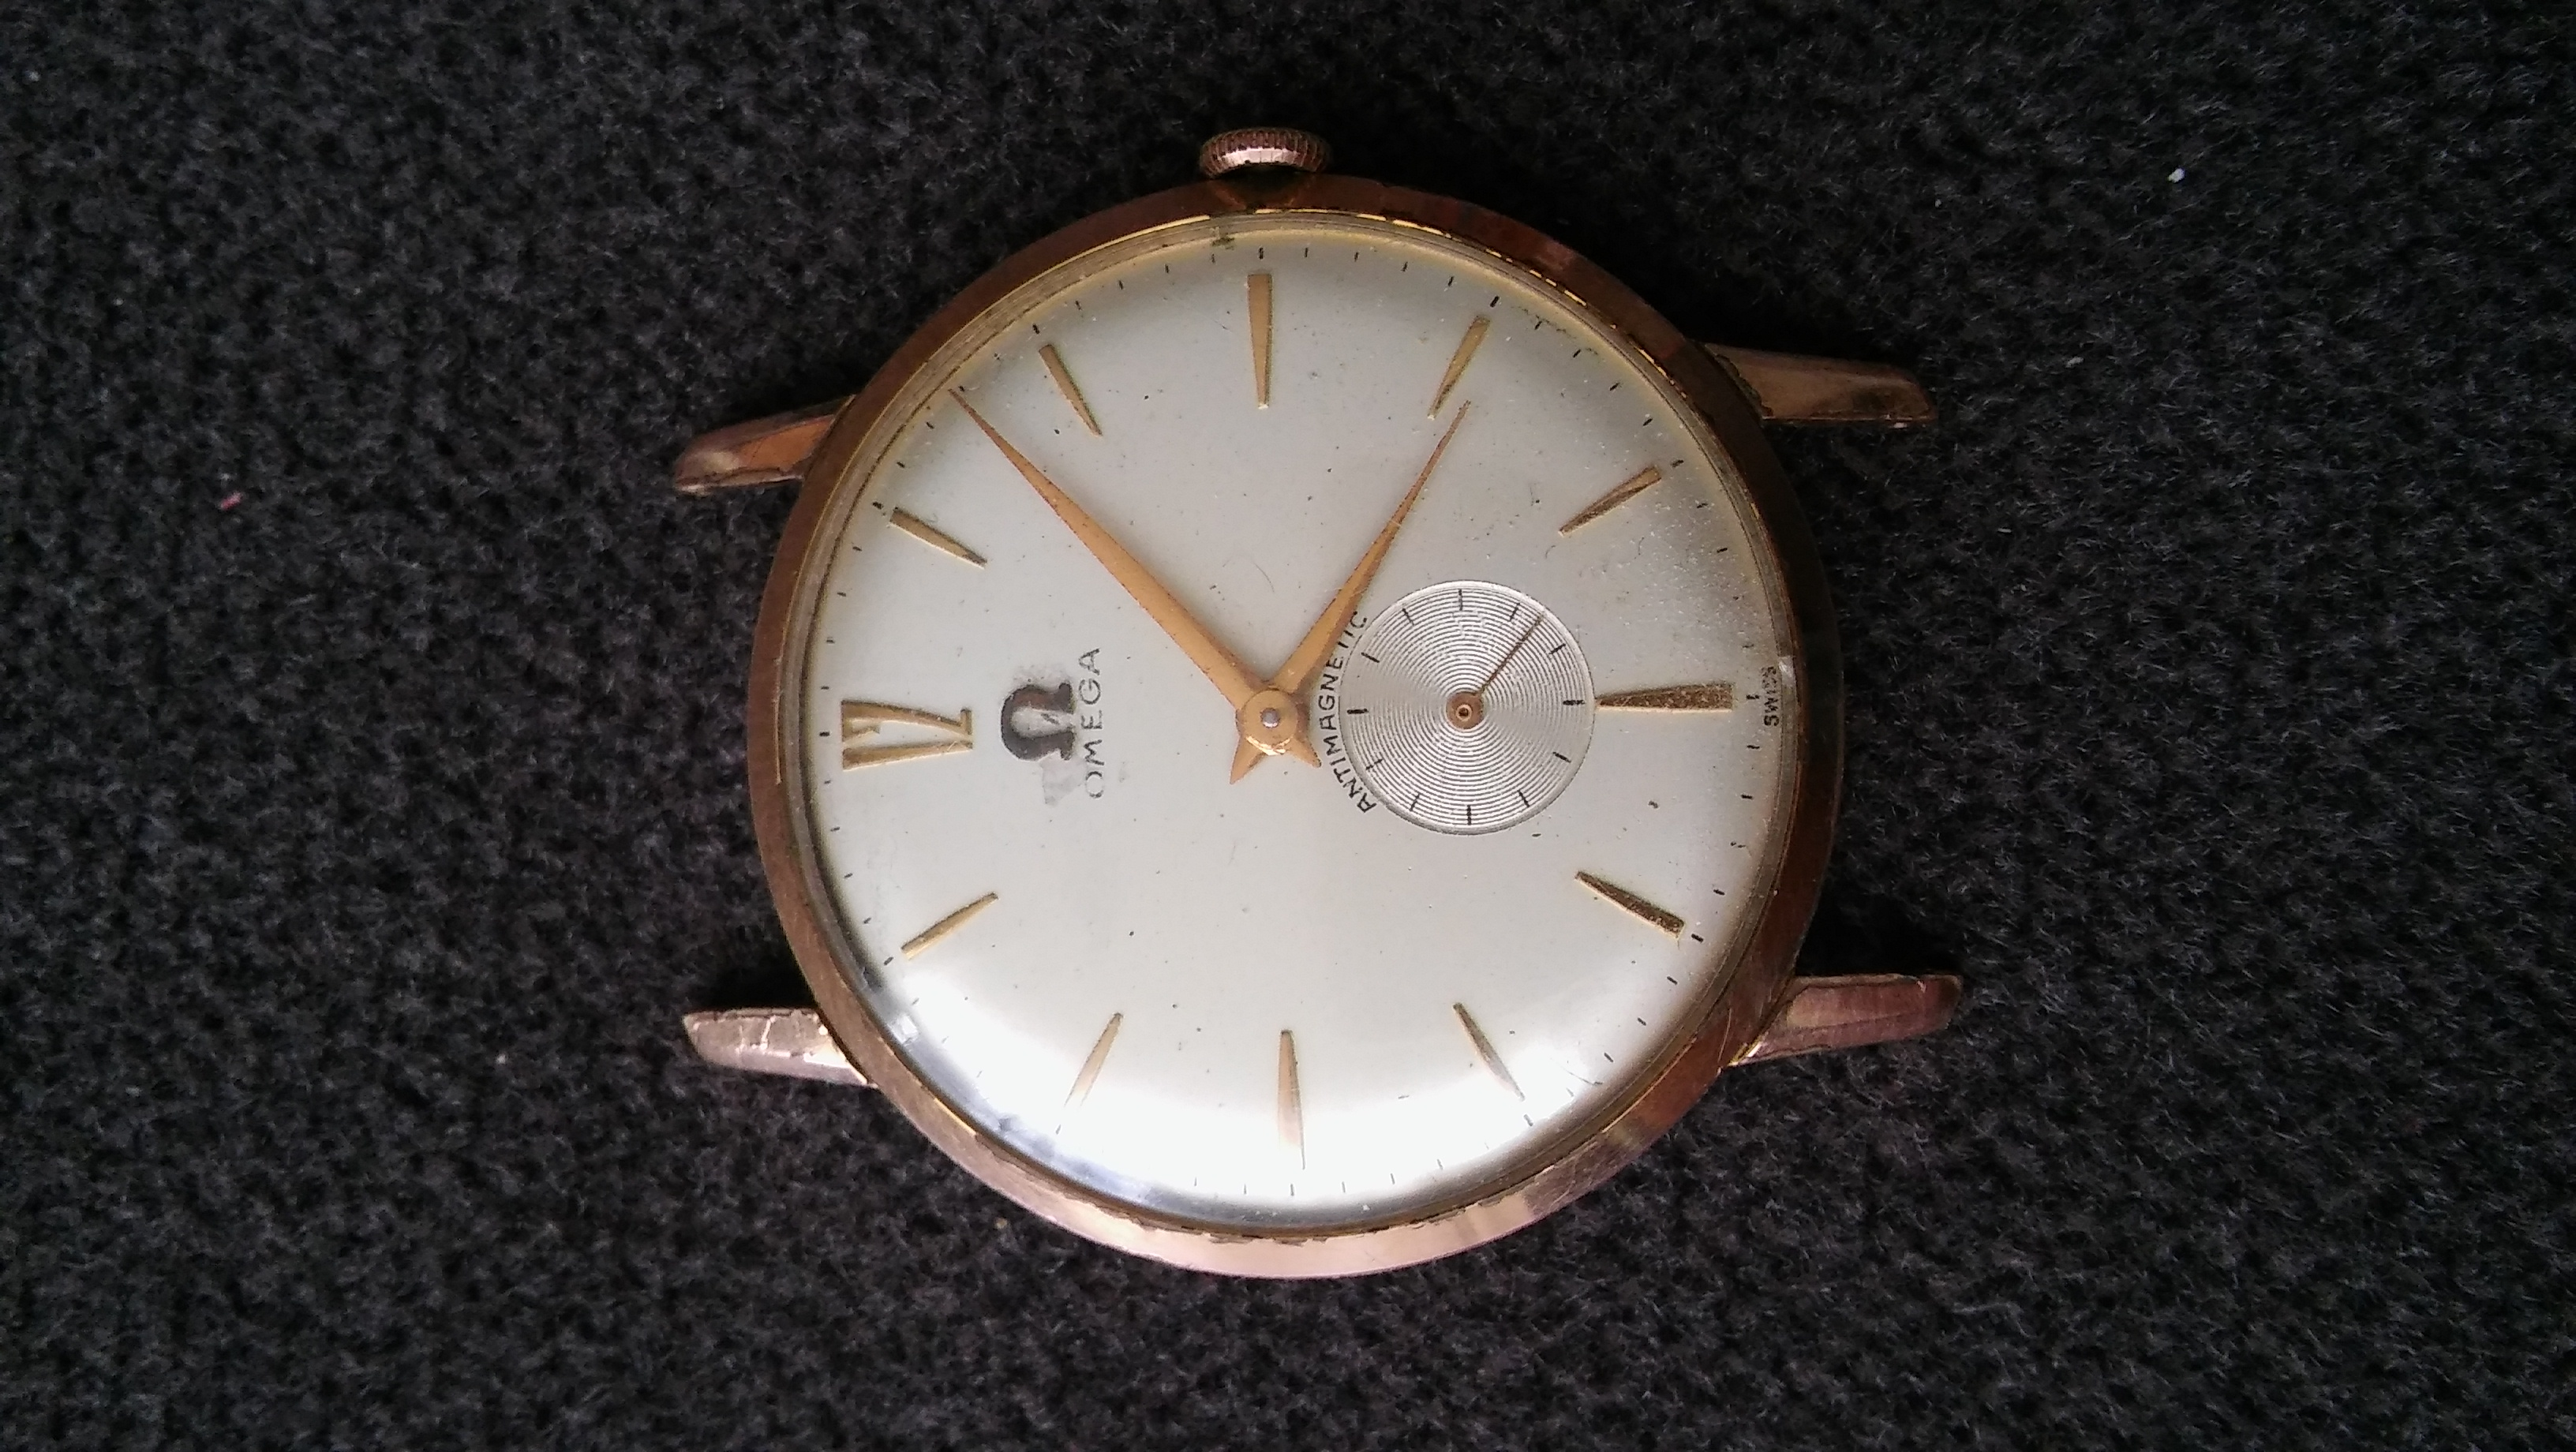 e45b96903e72c8 Witam bardzo prosze o wycene zegarka kest to.pamiatka pokryty 18 kat zlotem  spod caly z 18k. Dziekuje i pozdrawiam